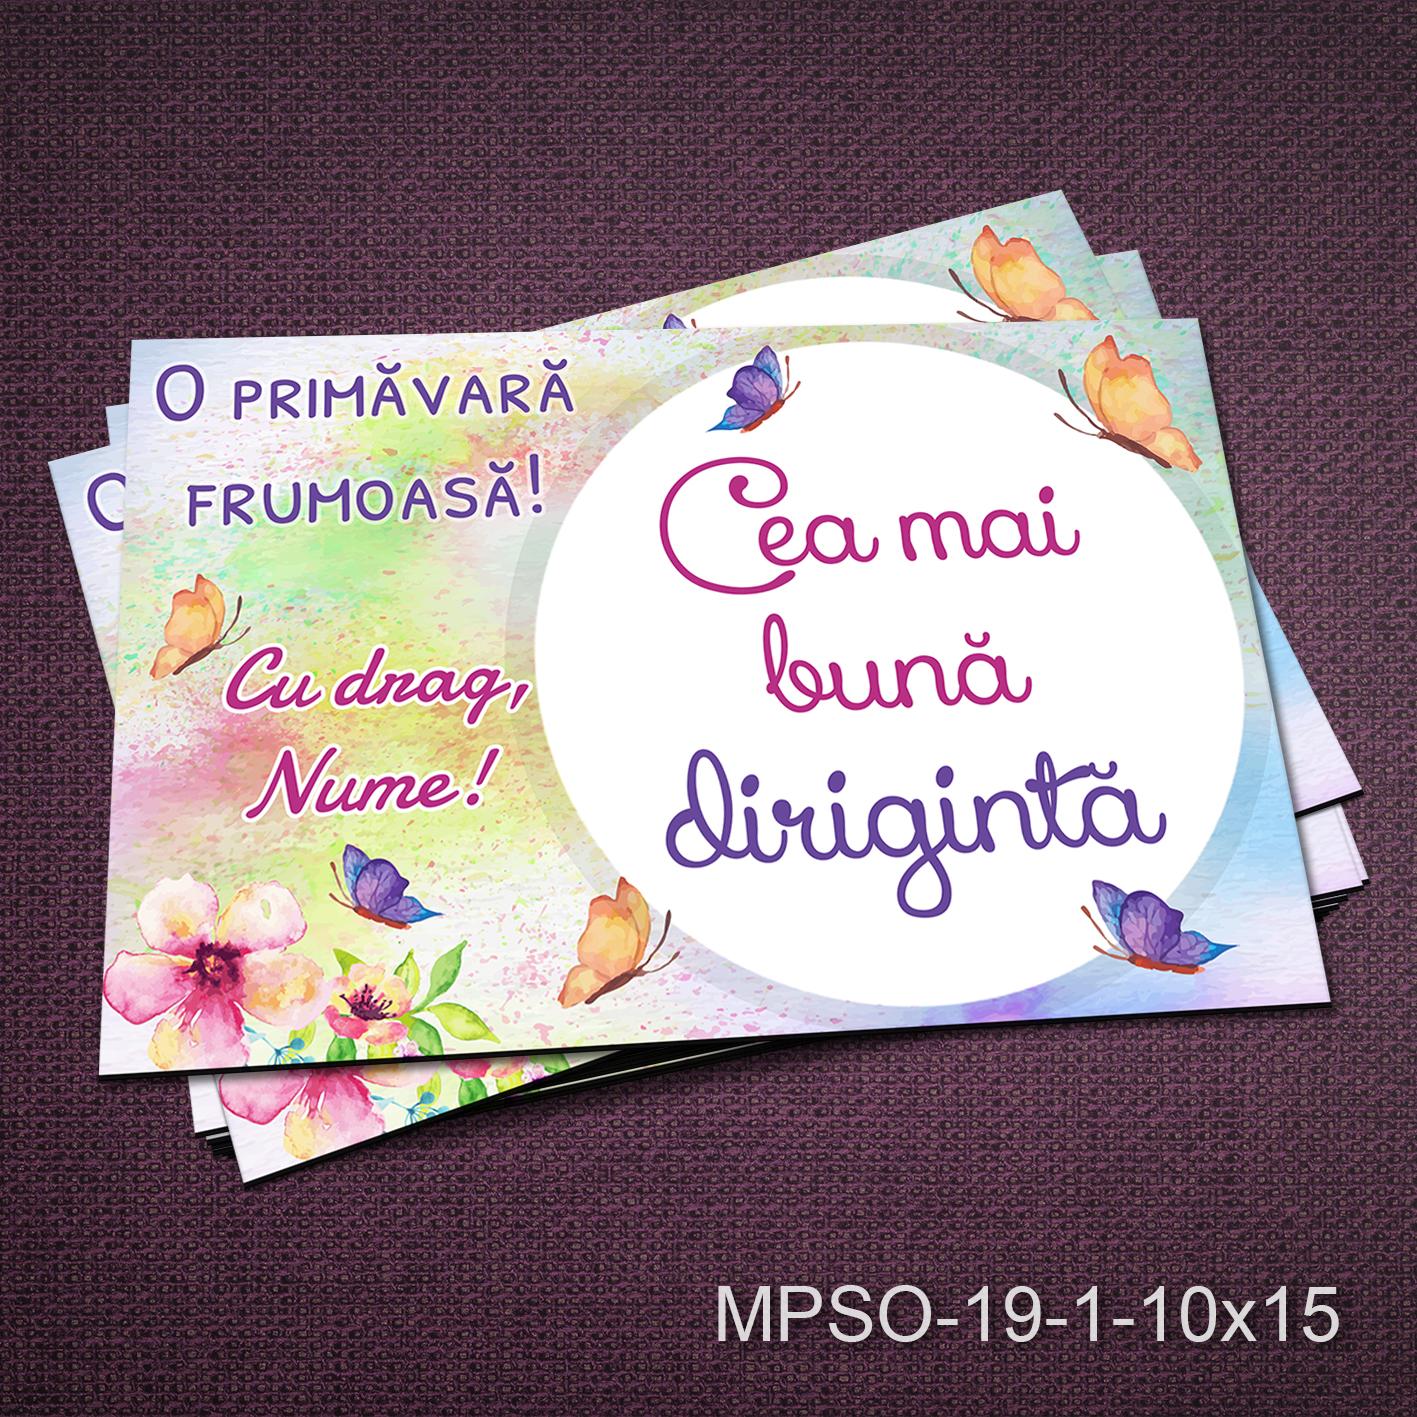 Felicitare magnetica - cea mai buna diriginta - MPSO-19-1-10x15